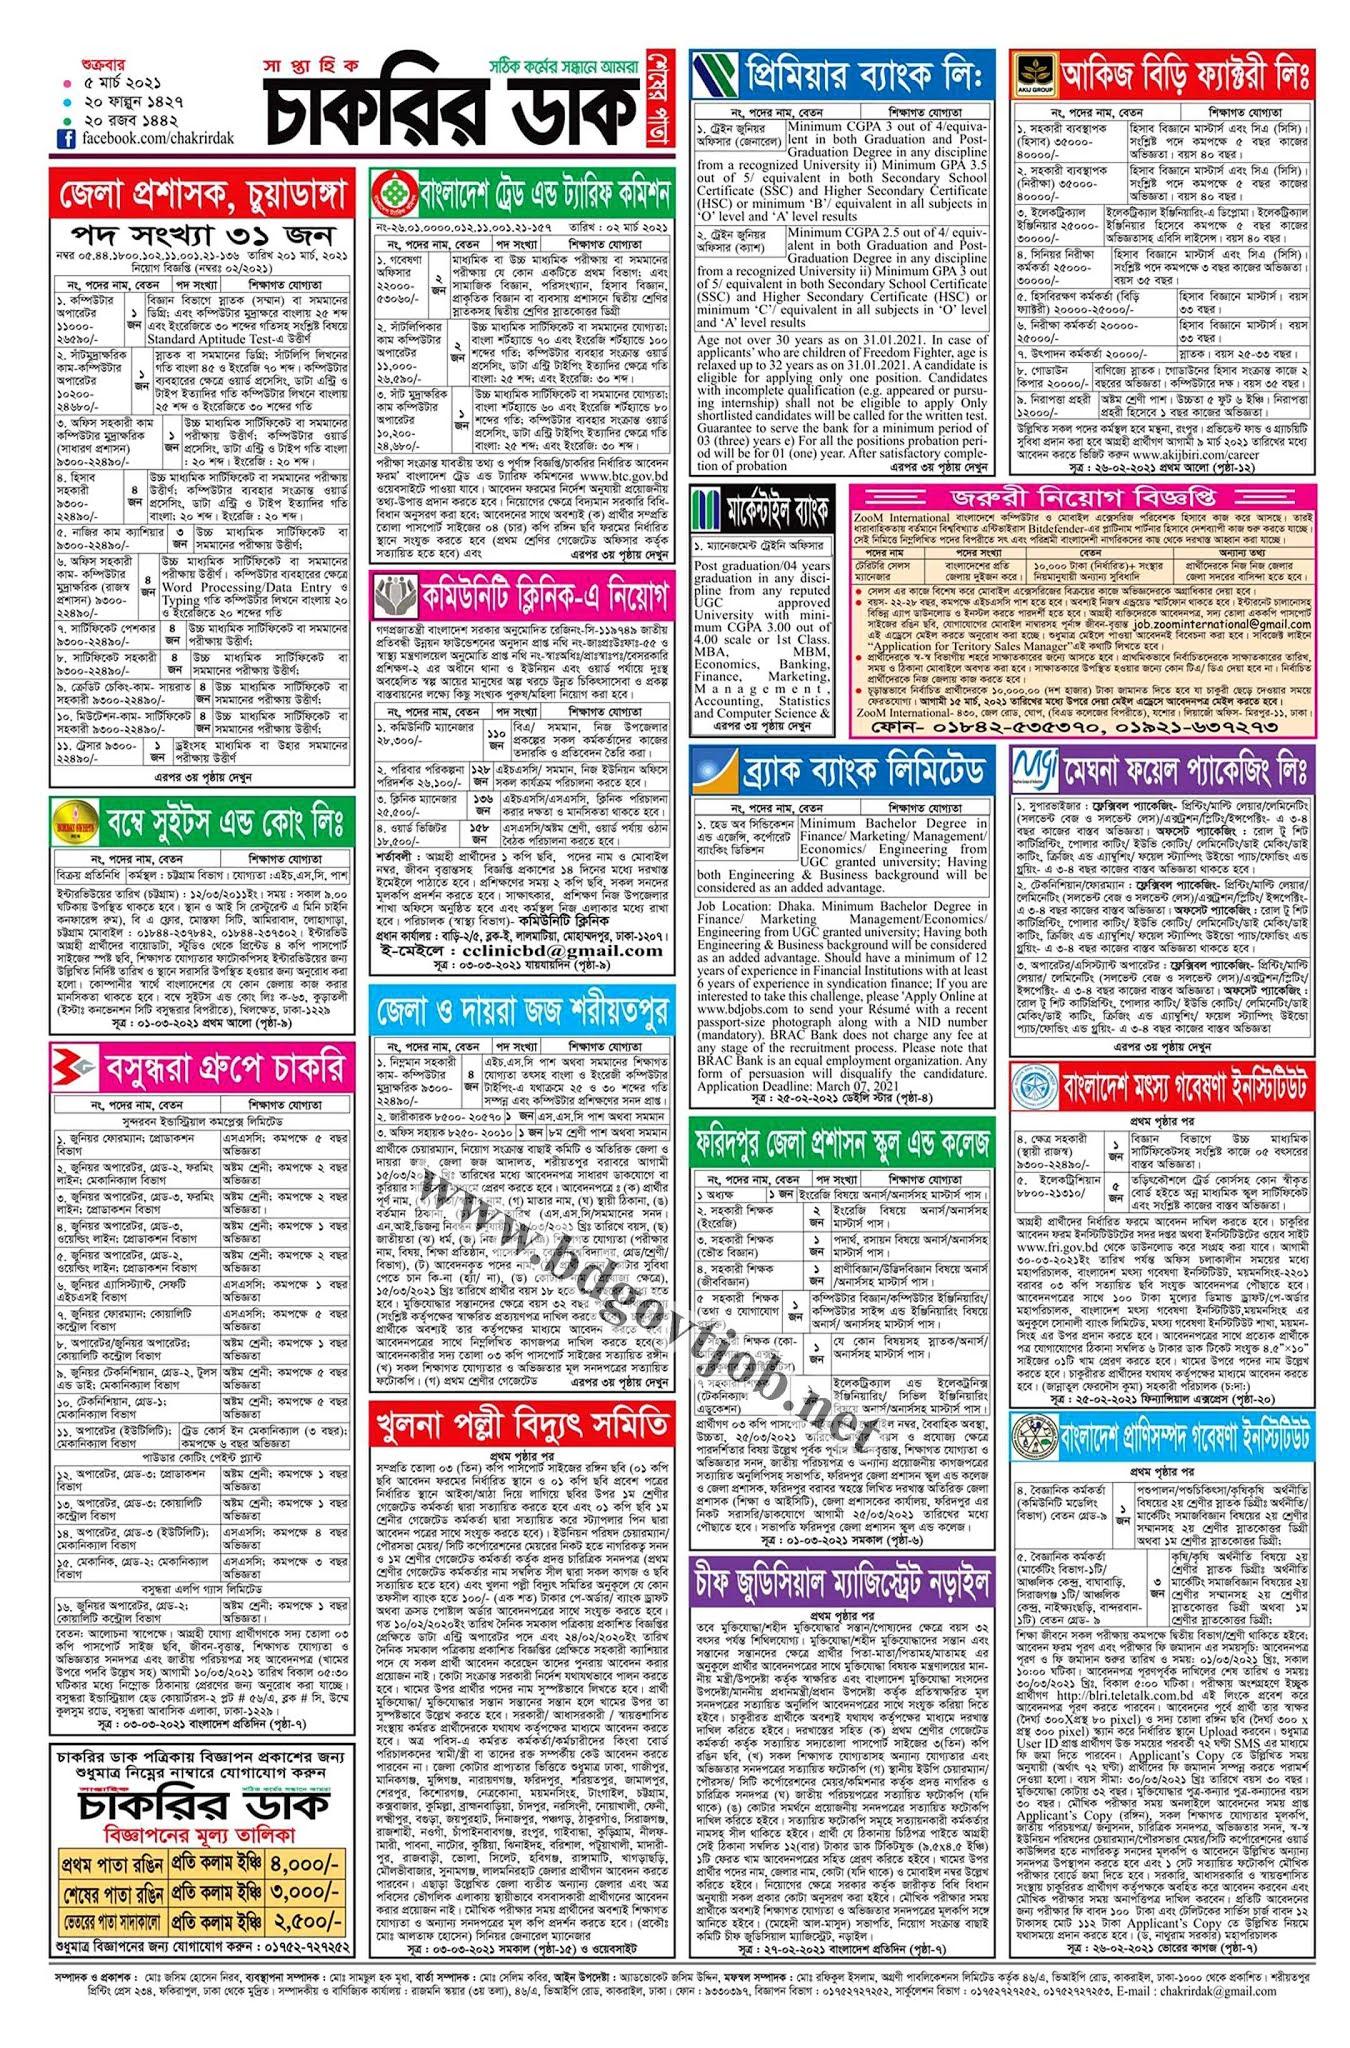 সাপ্তাহিক চাকরির খবর ডাক পত্রিকা ০৫ মার্চ ২০২১ - Saptahik Chakrir khobor Dak 05-03-2021 - Weekly Chakrir Dak Newspaper 05 March 2021